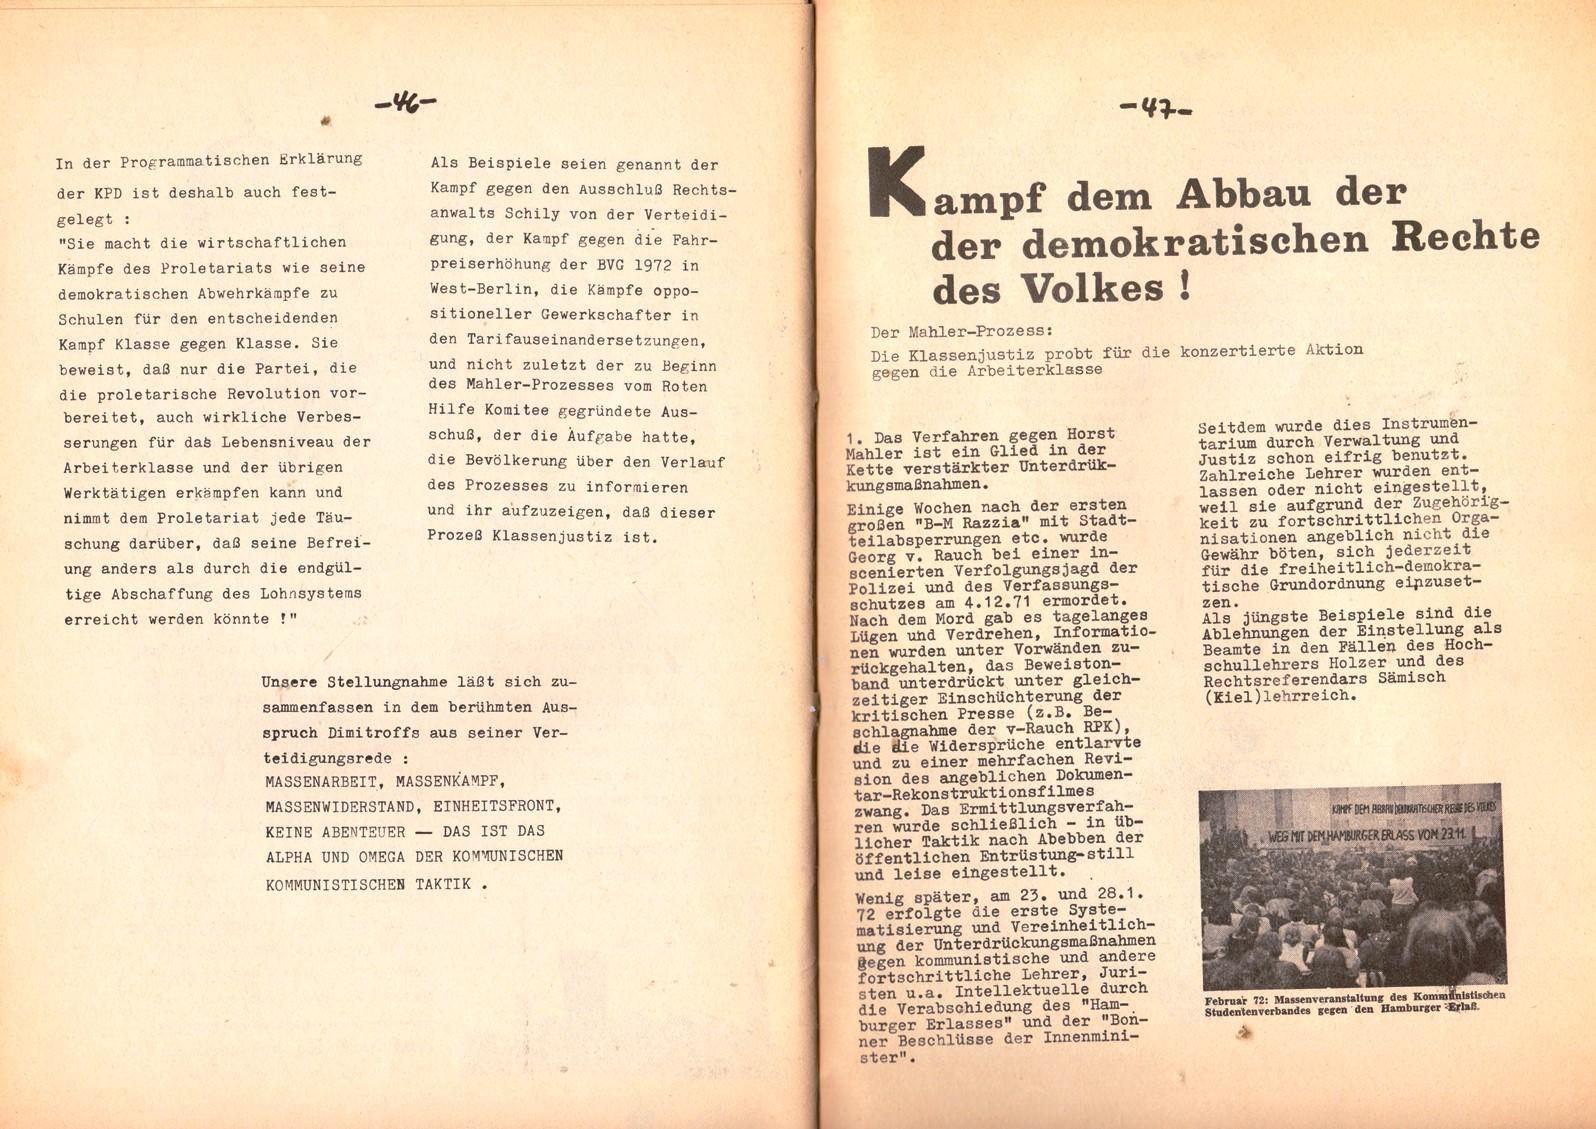 Berlin_RH_1973_zu_Horst_Mahler_25